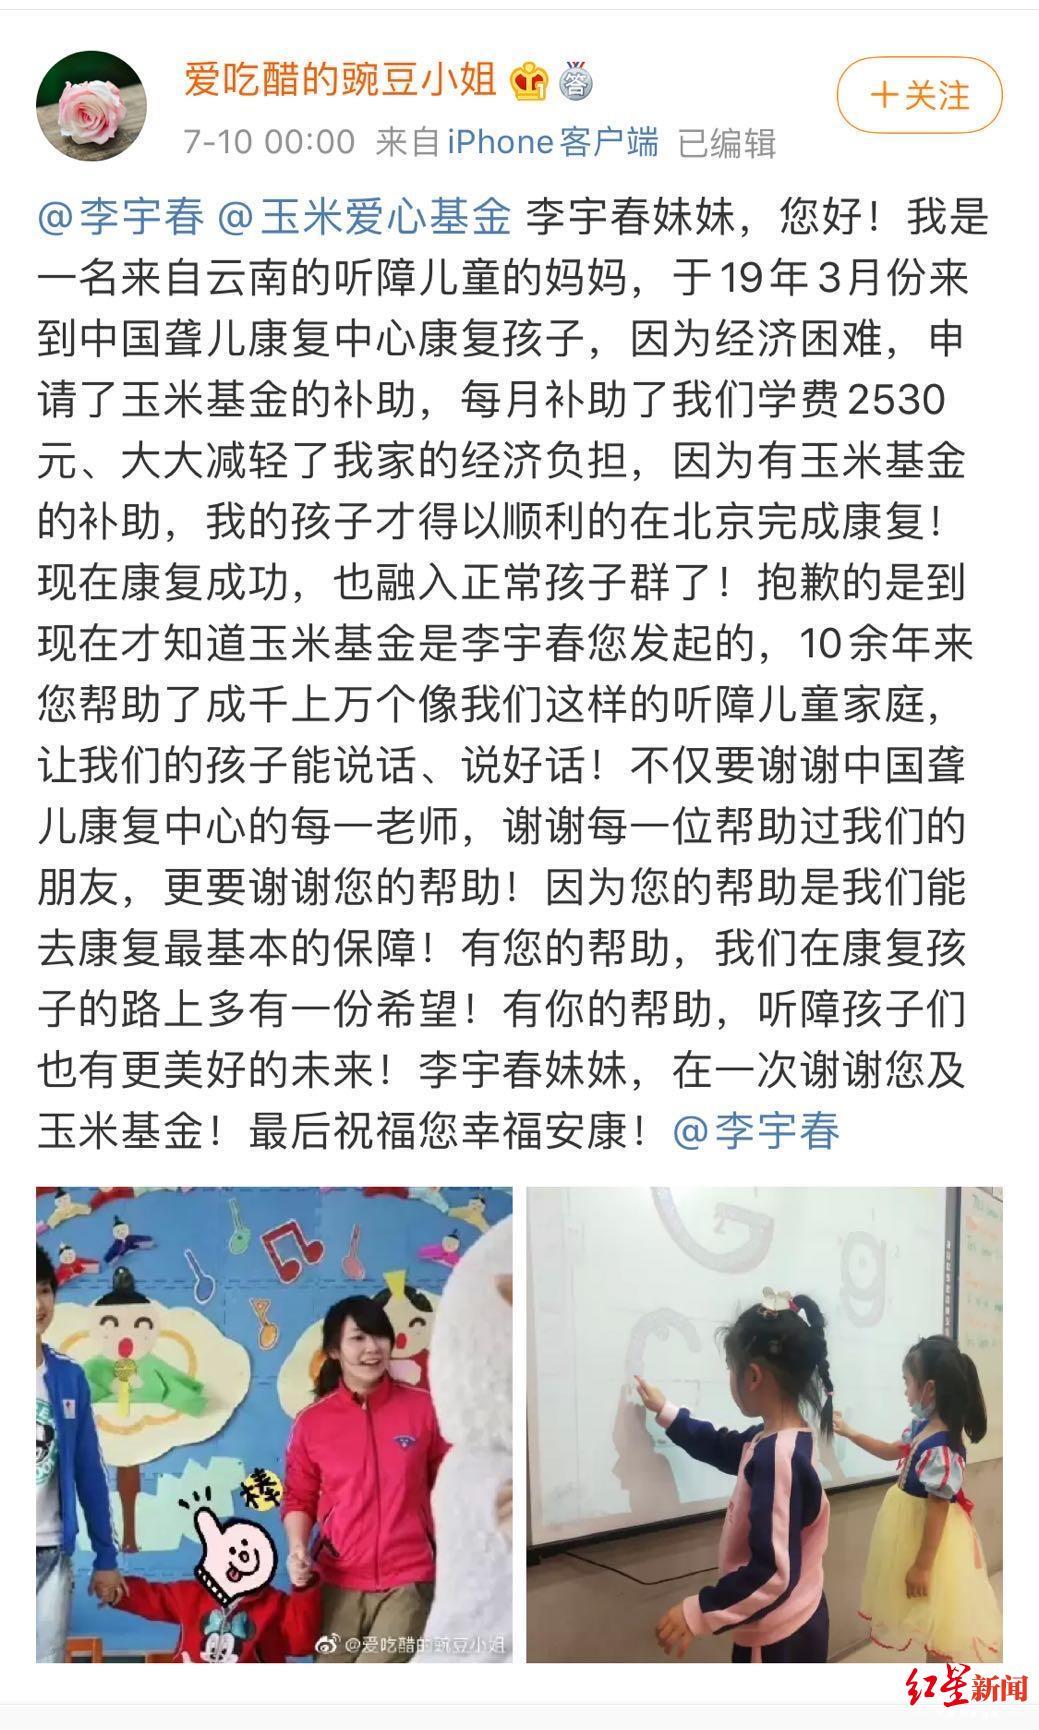 听障儿童完成康复 母亲深夜发文感谢李宇春